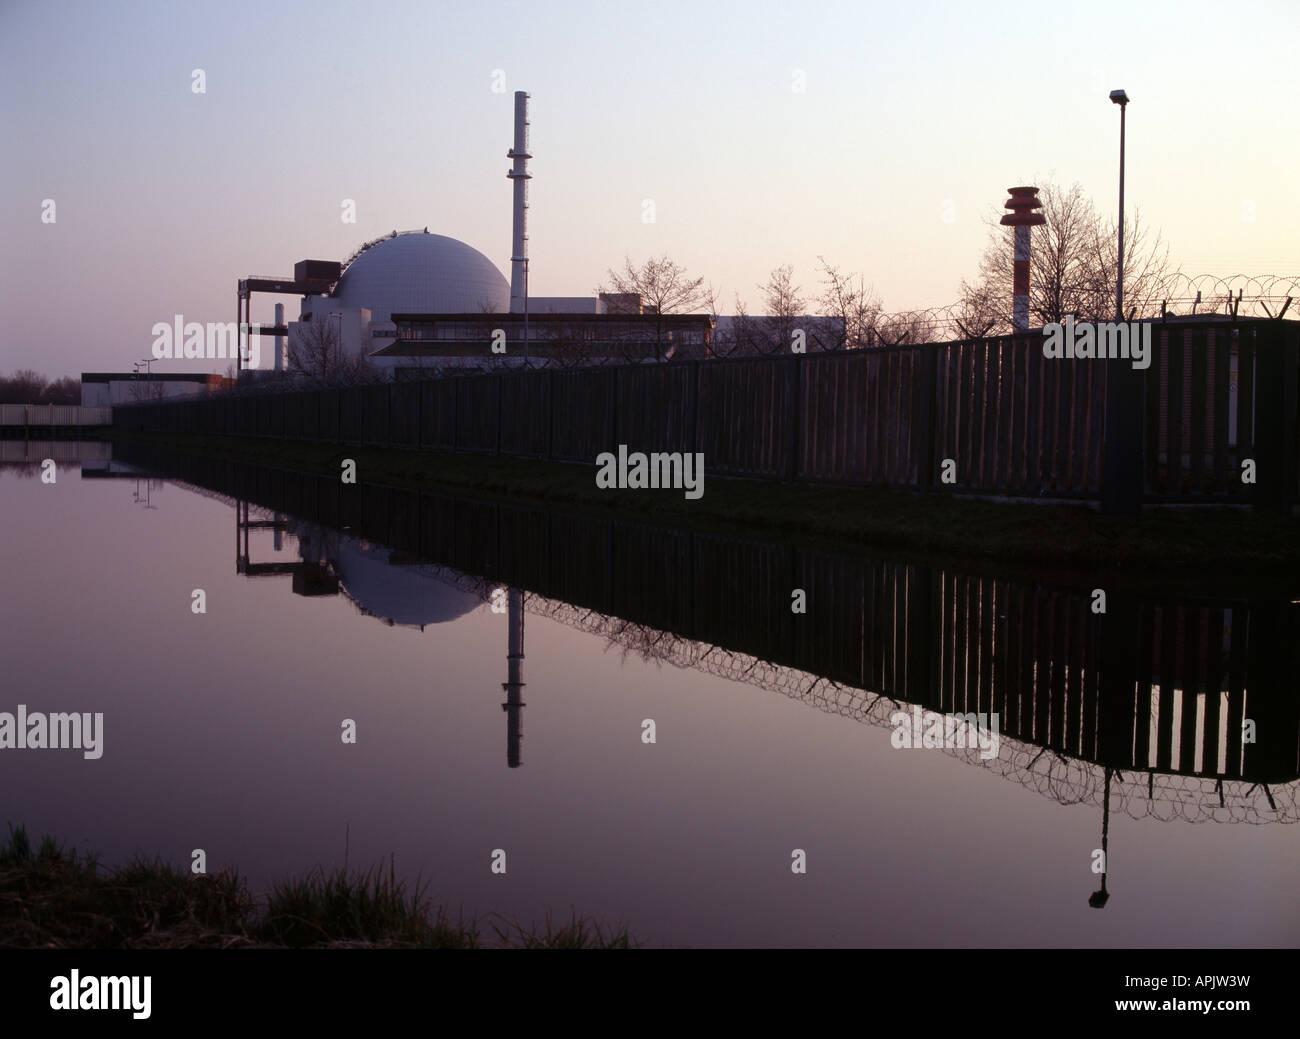 Brokdorf, Atomkraftwerk, - Stock Image